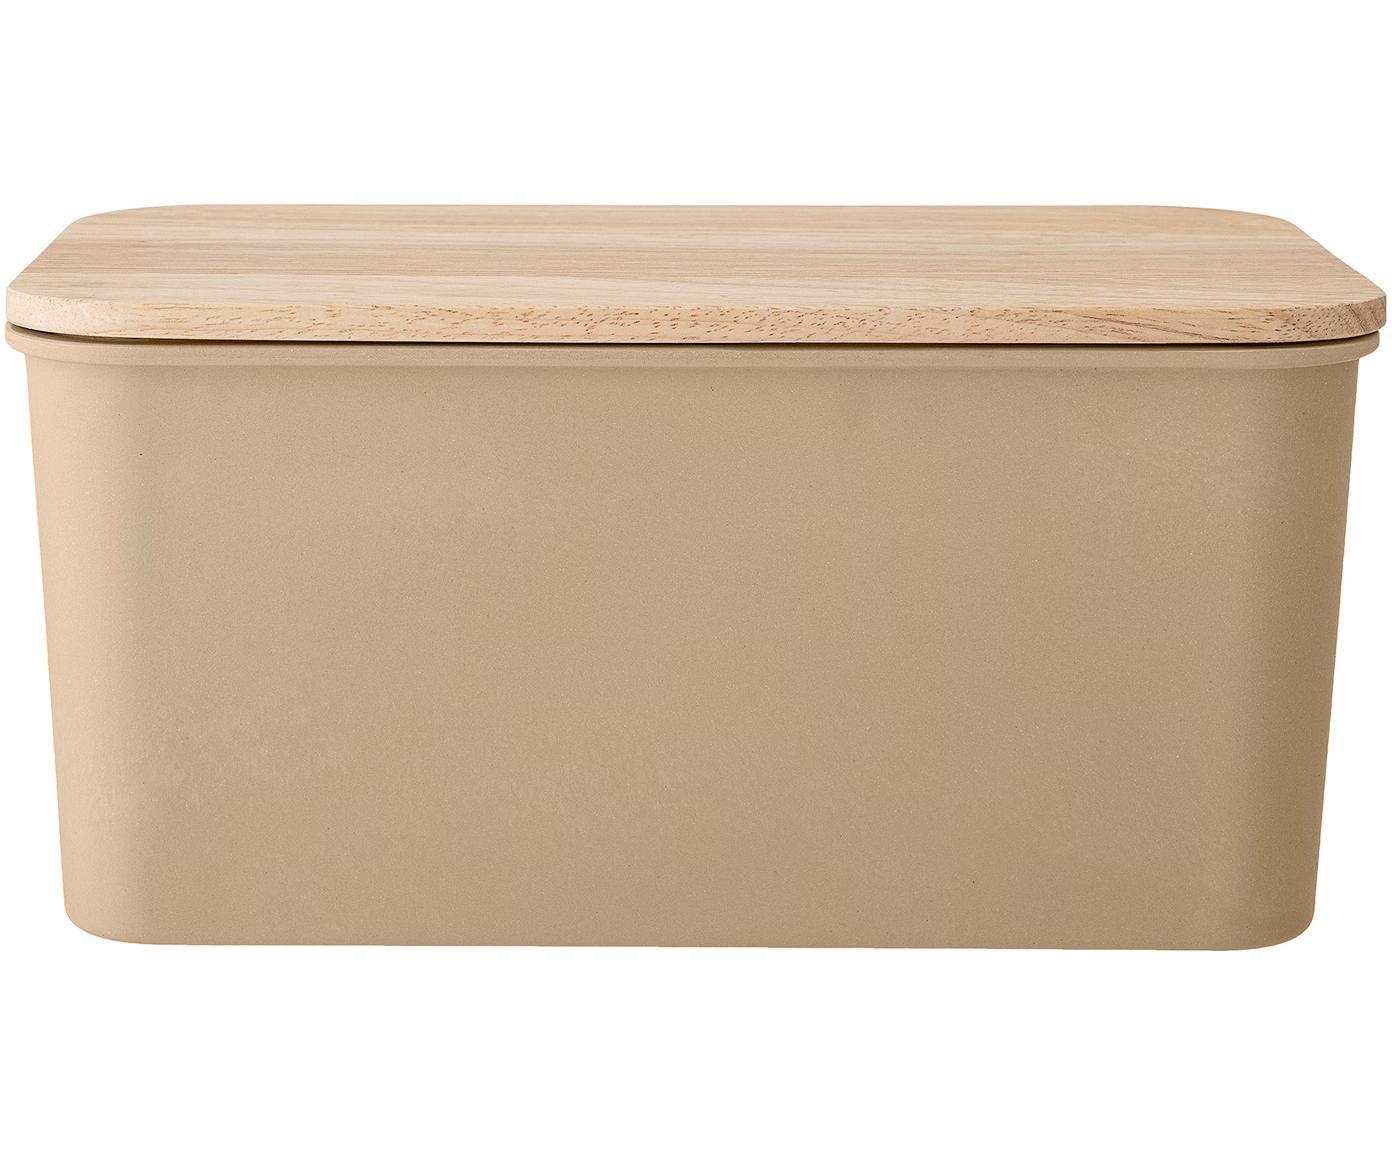 Scatola per pane Java, Coperchio: legno di caucciù, Marrone, Larg. 35 x Alt. 17 cm